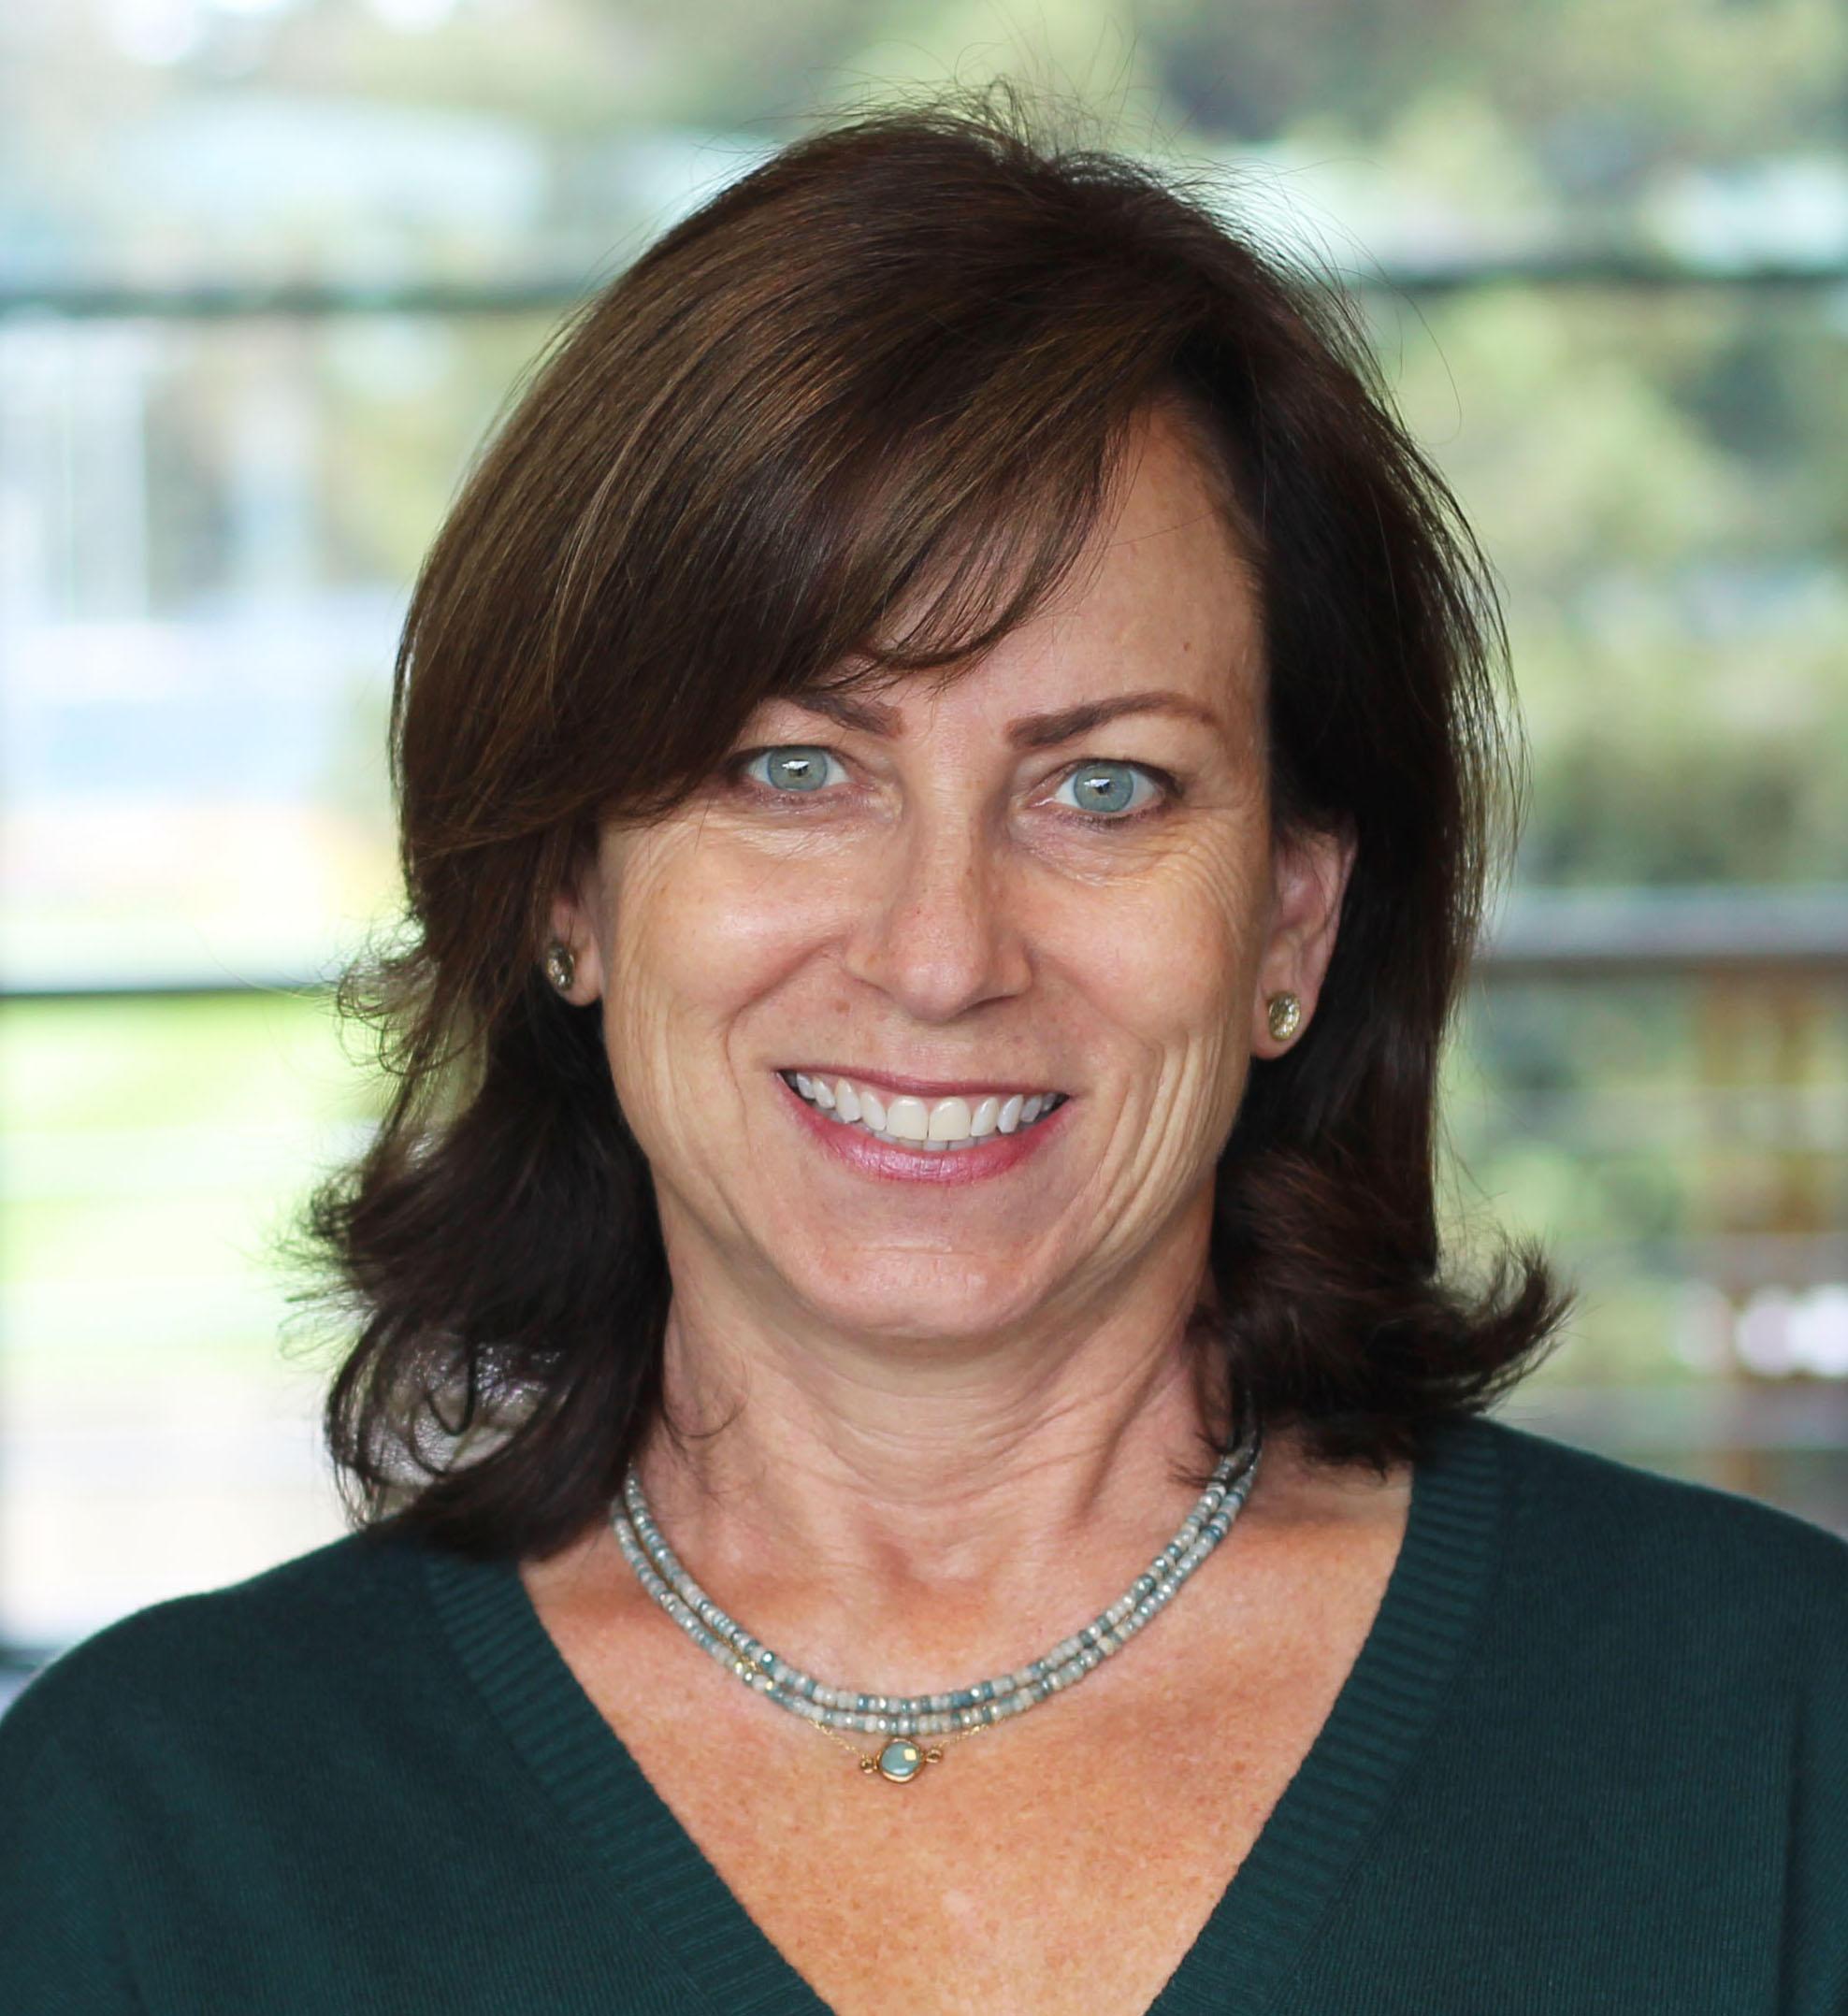 Lynne Alper